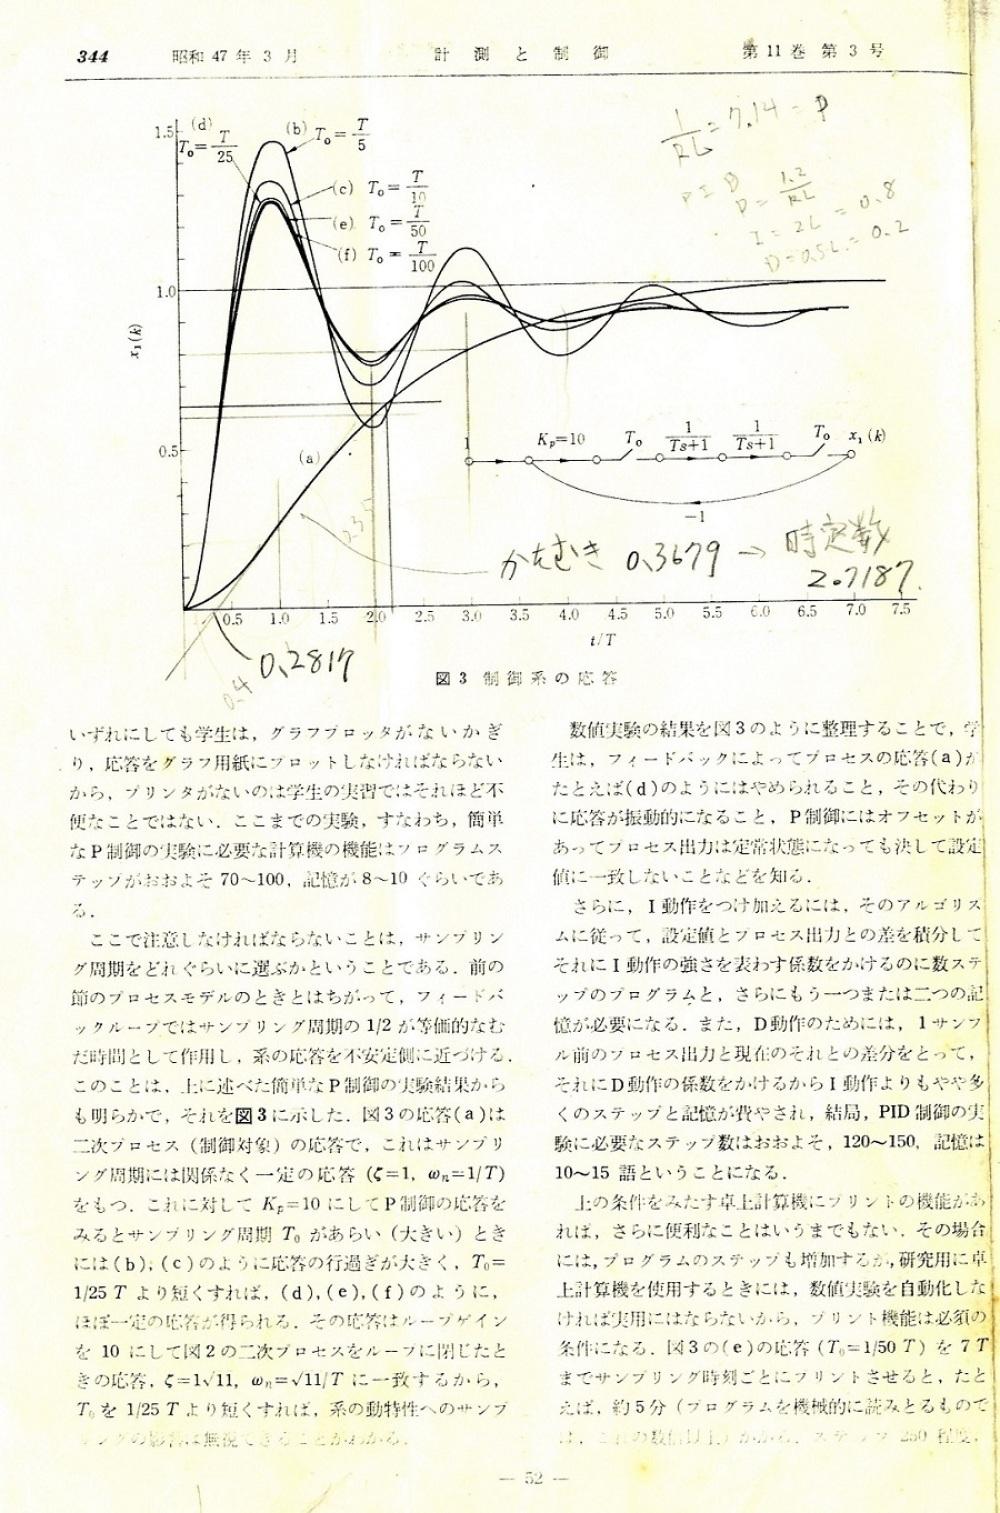 数値実験のおもしろさ(50年前の問題ですが)_c0335218_07570068.jpg